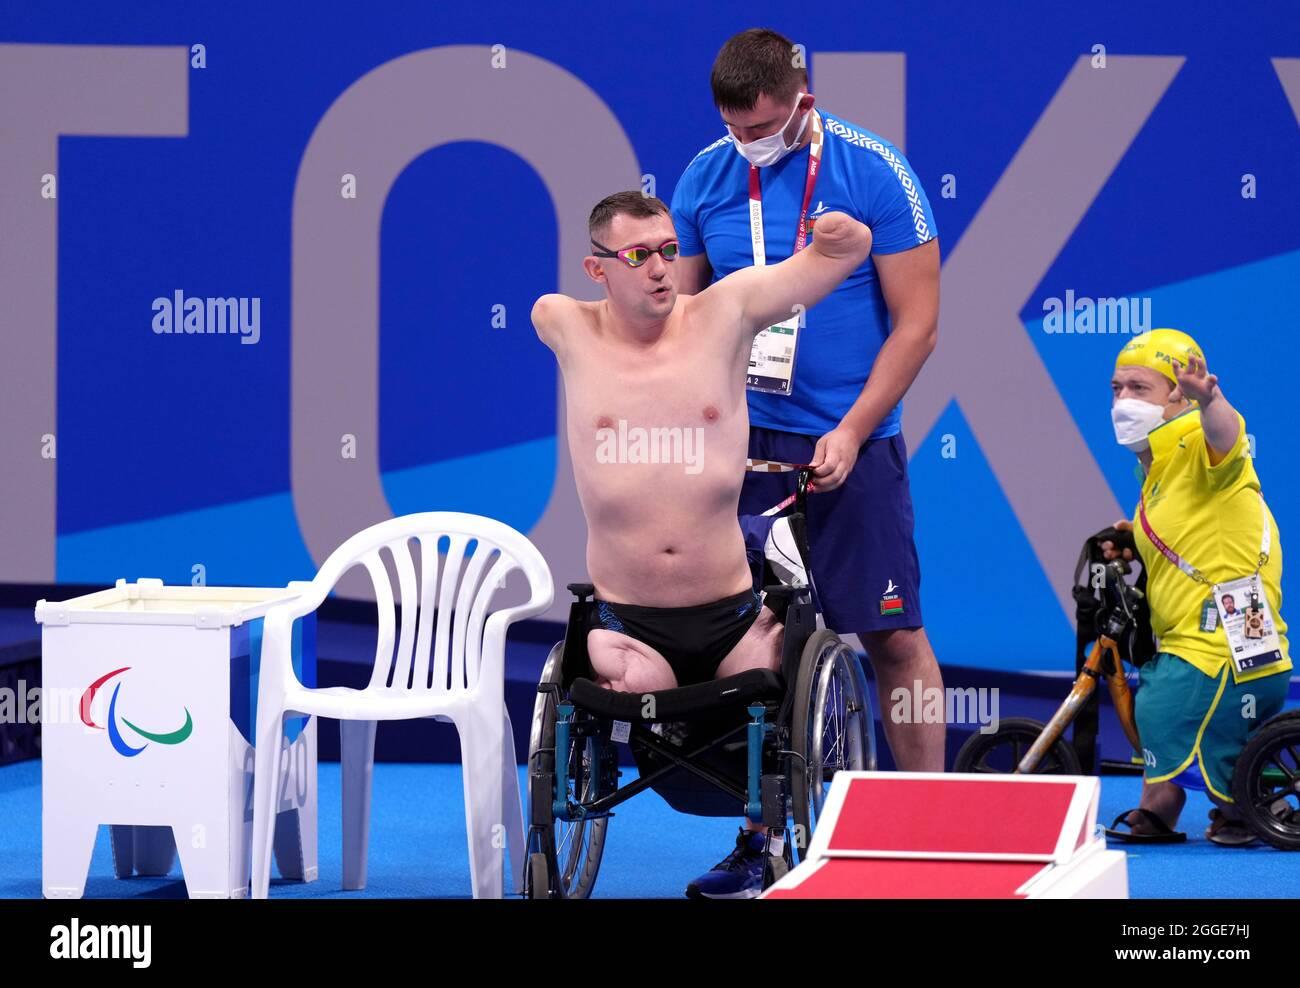 Aliaksei Talai in Bulgaria prima dell'inizio della corsa al seno da 50 m - SB2 al Tokyo Aquatics Center durante il giorno sette dei Giochi Paralimpici di Tokyo 2020 in Giappone. Data foto: Martedì 31 agosto 2021. Foto Stock